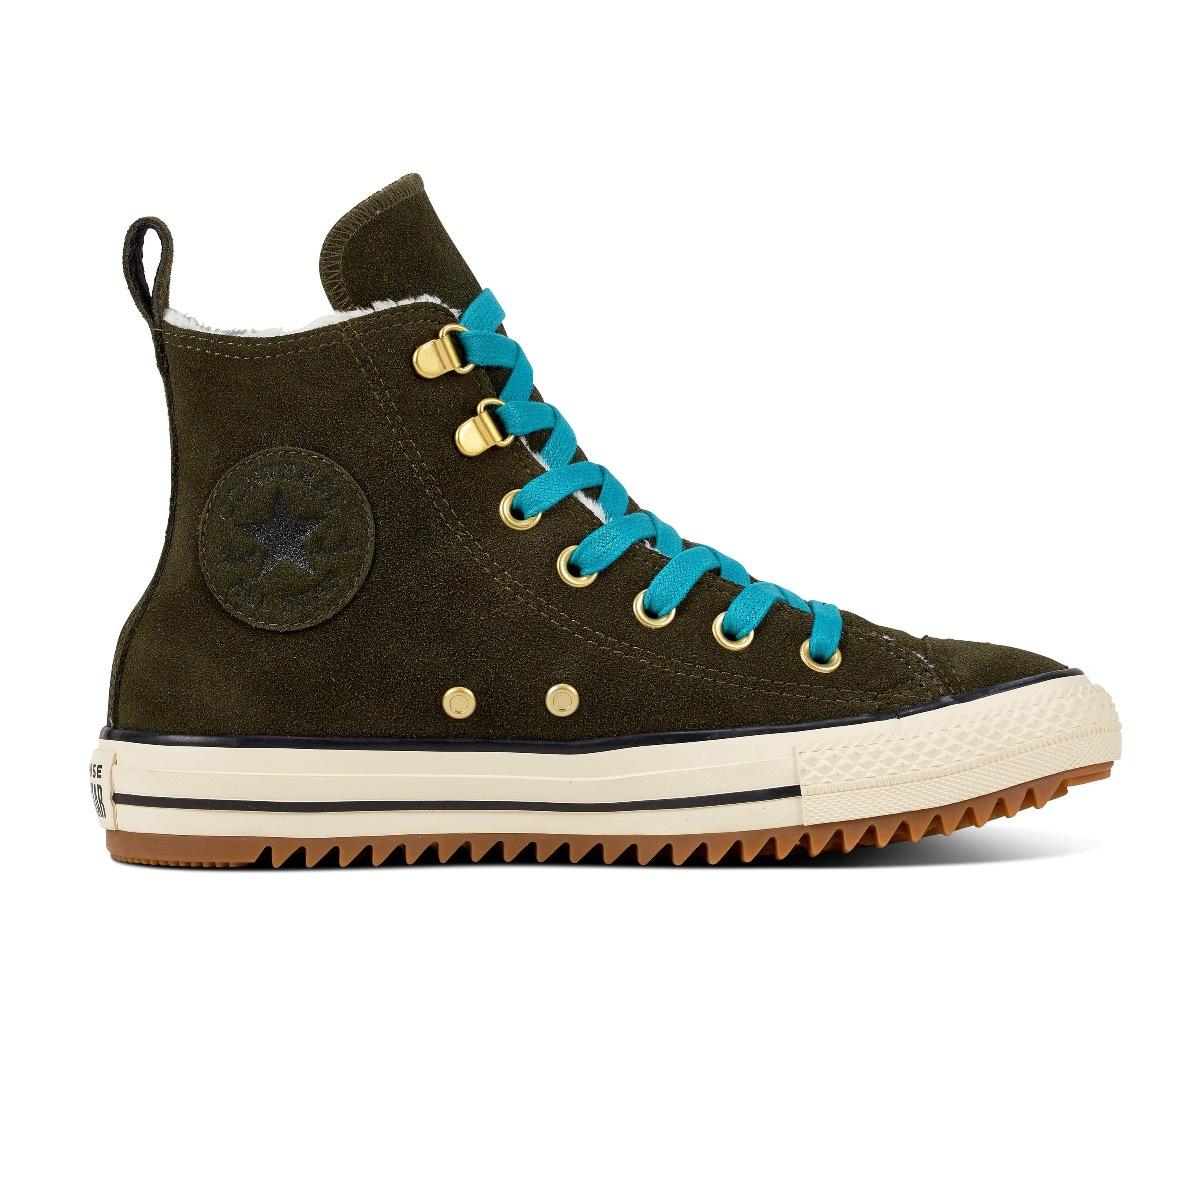 Converse All Stars Hiker Boot 162478C Groen-41